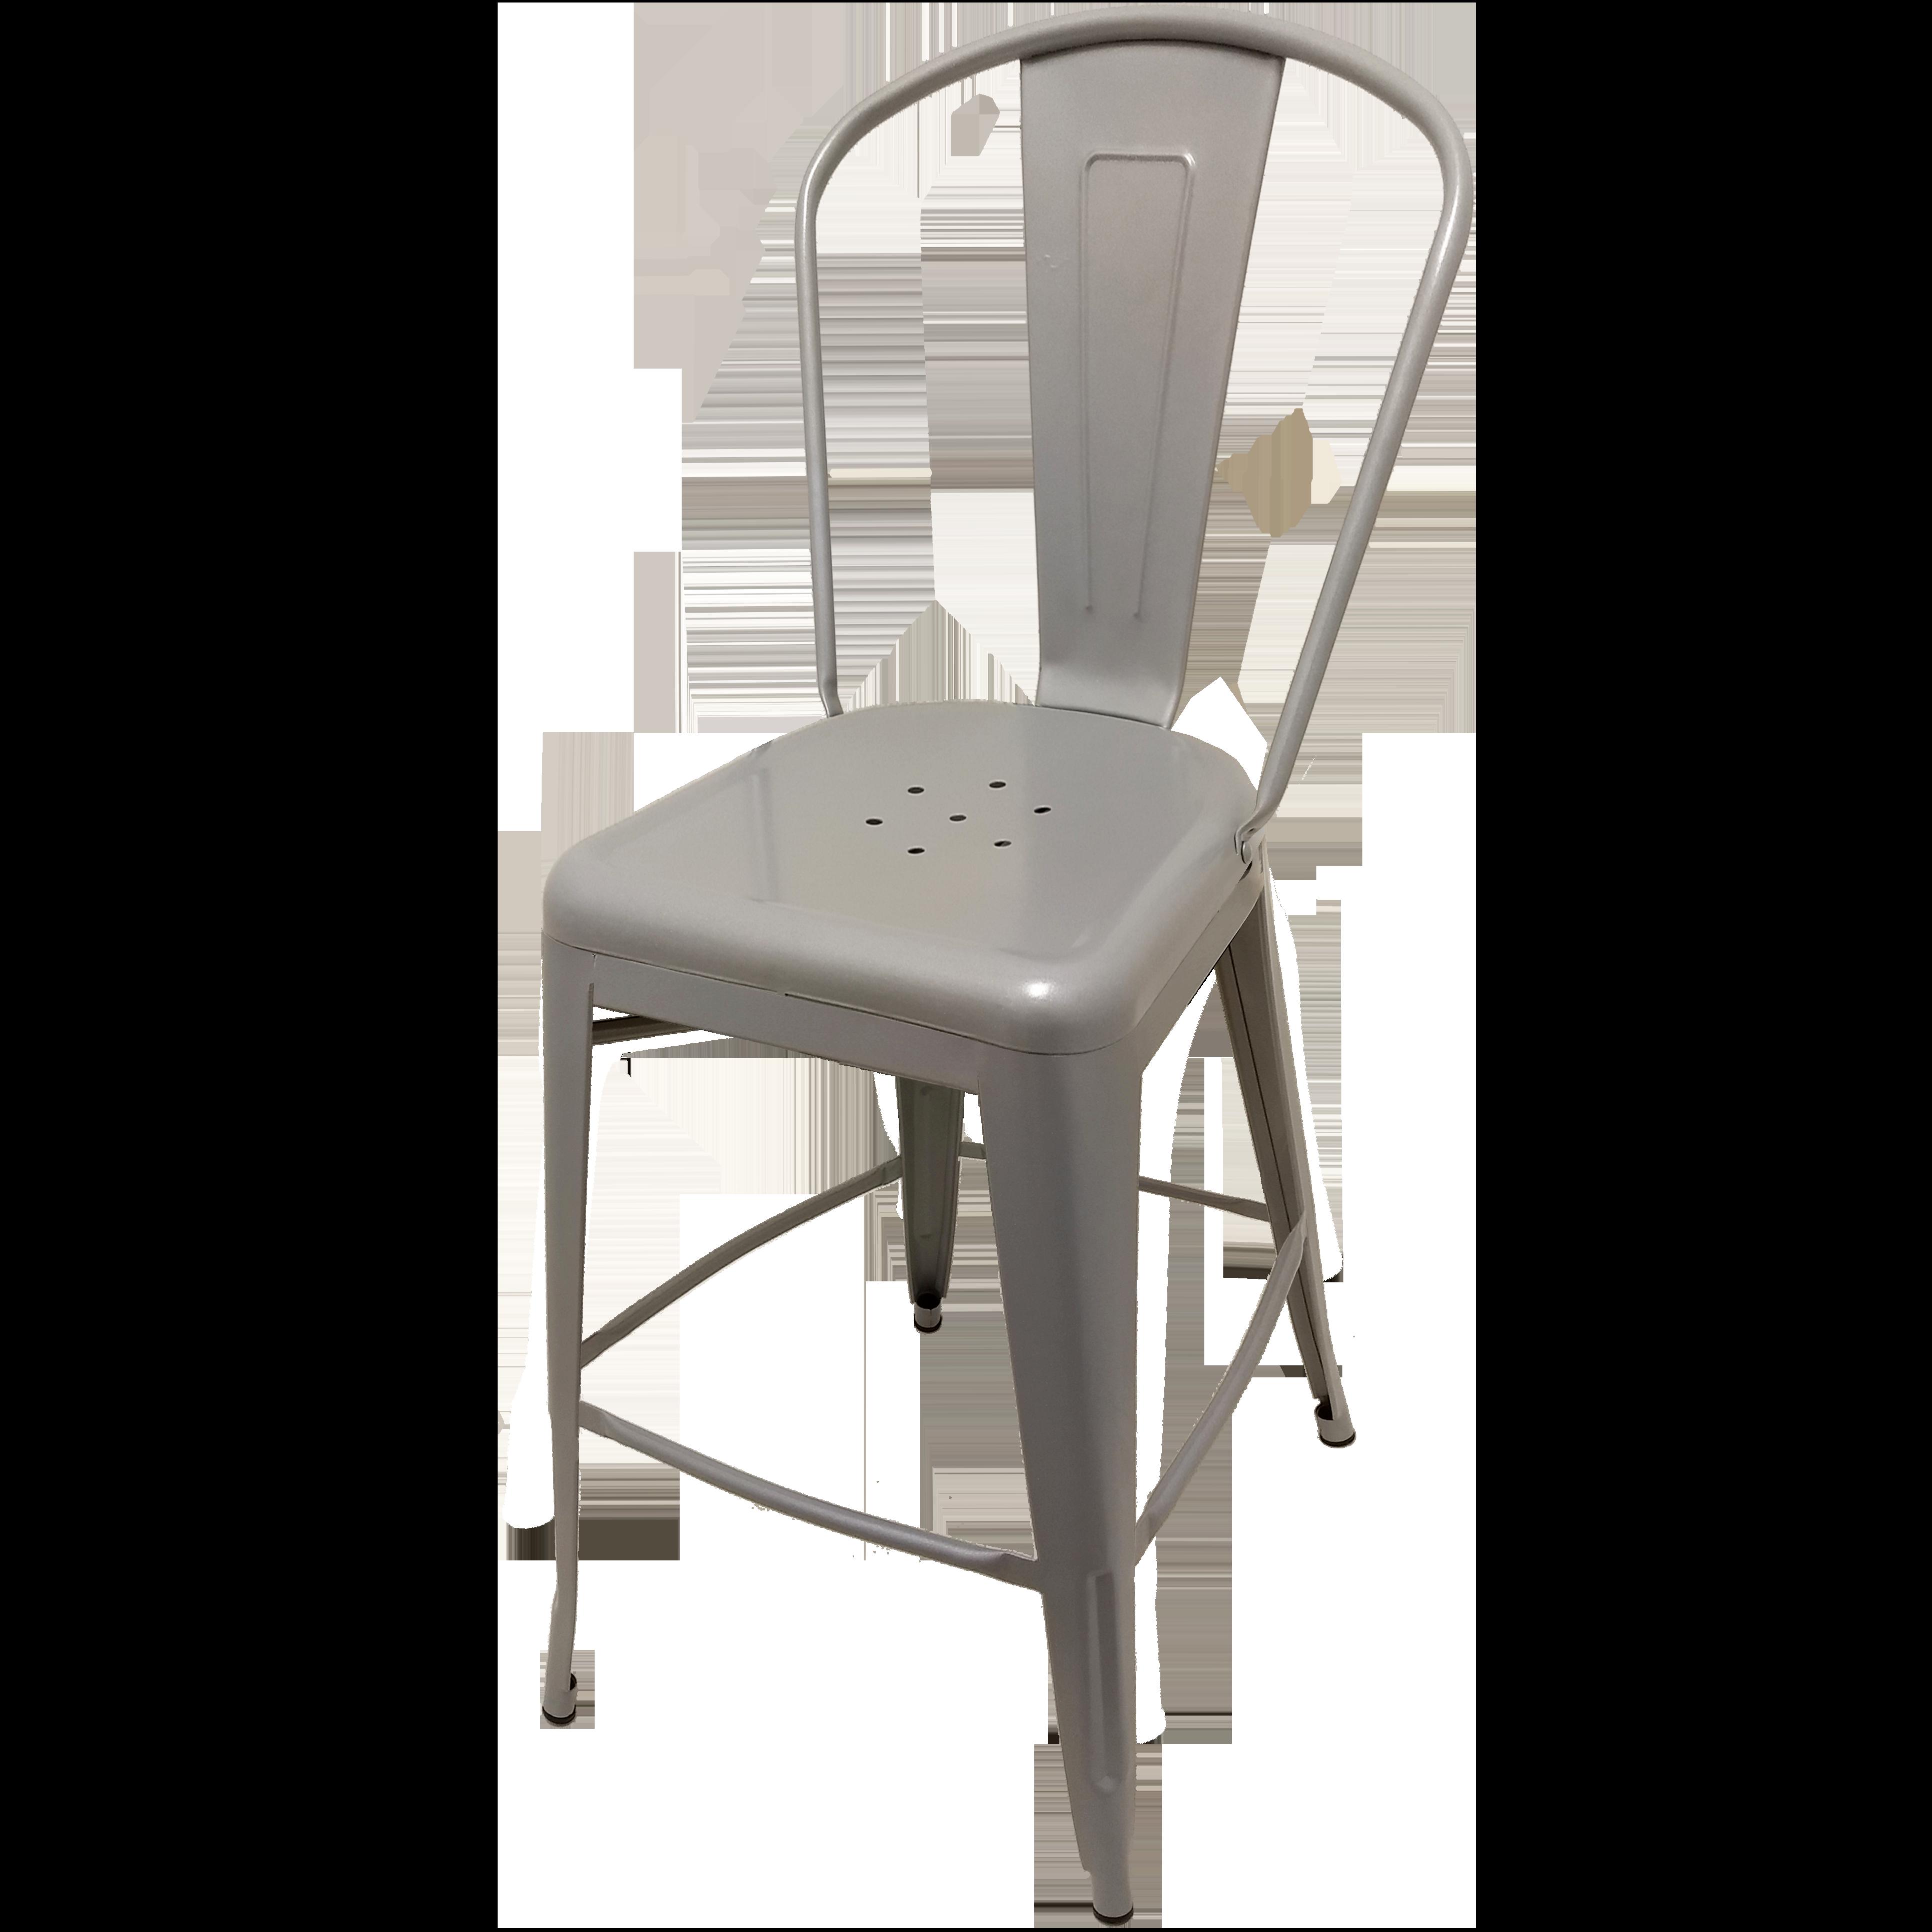 Oak Street OD-BM-0001-SLV bar stool, outdoor